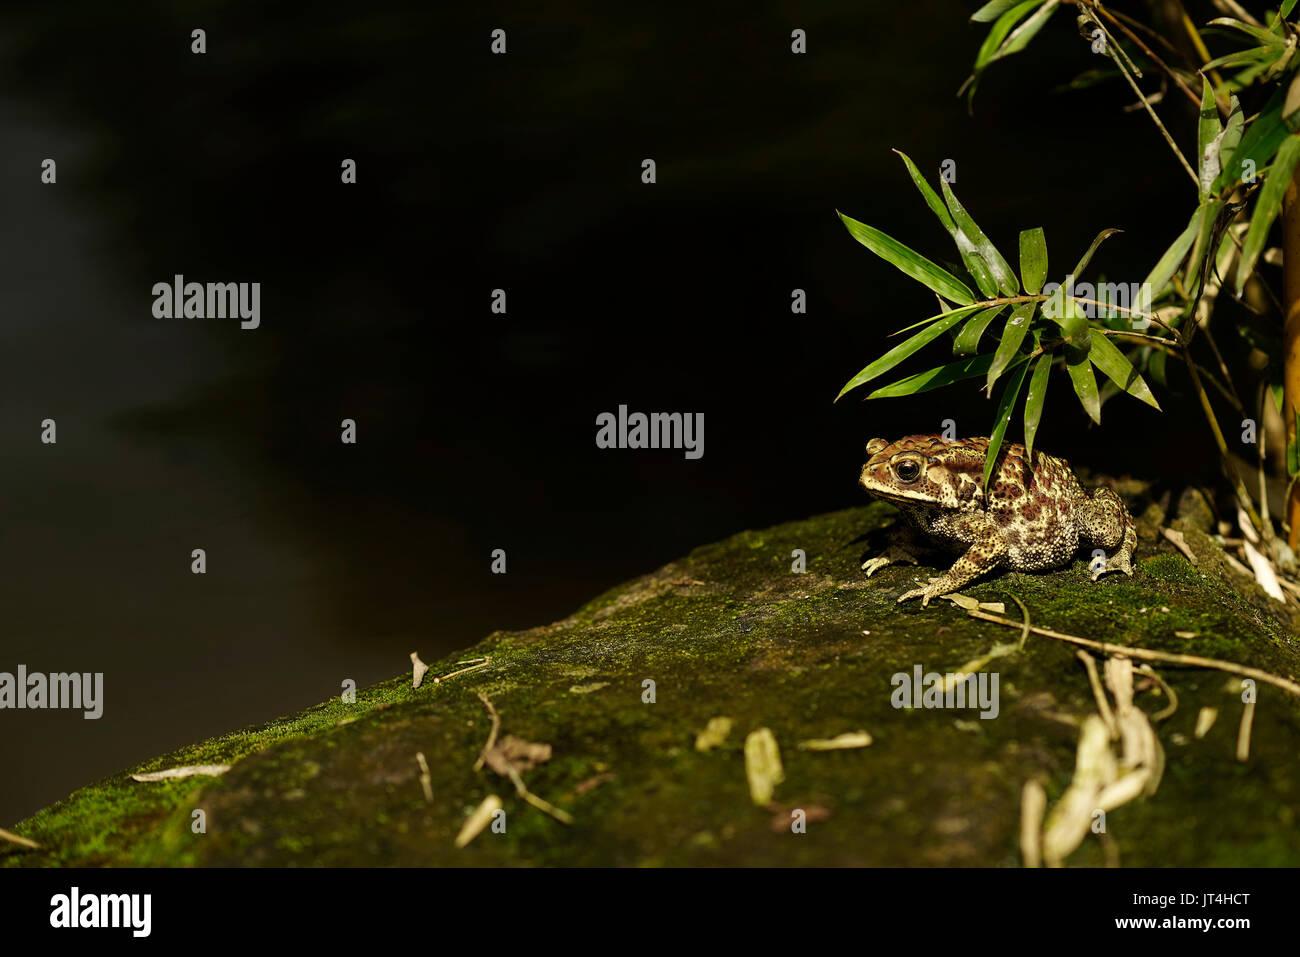 Braun Fat Frog sitzen an der Ecke eines Sees auf einem Felsen mit grünem Moos unter Blätter während des Tages. Stockbild